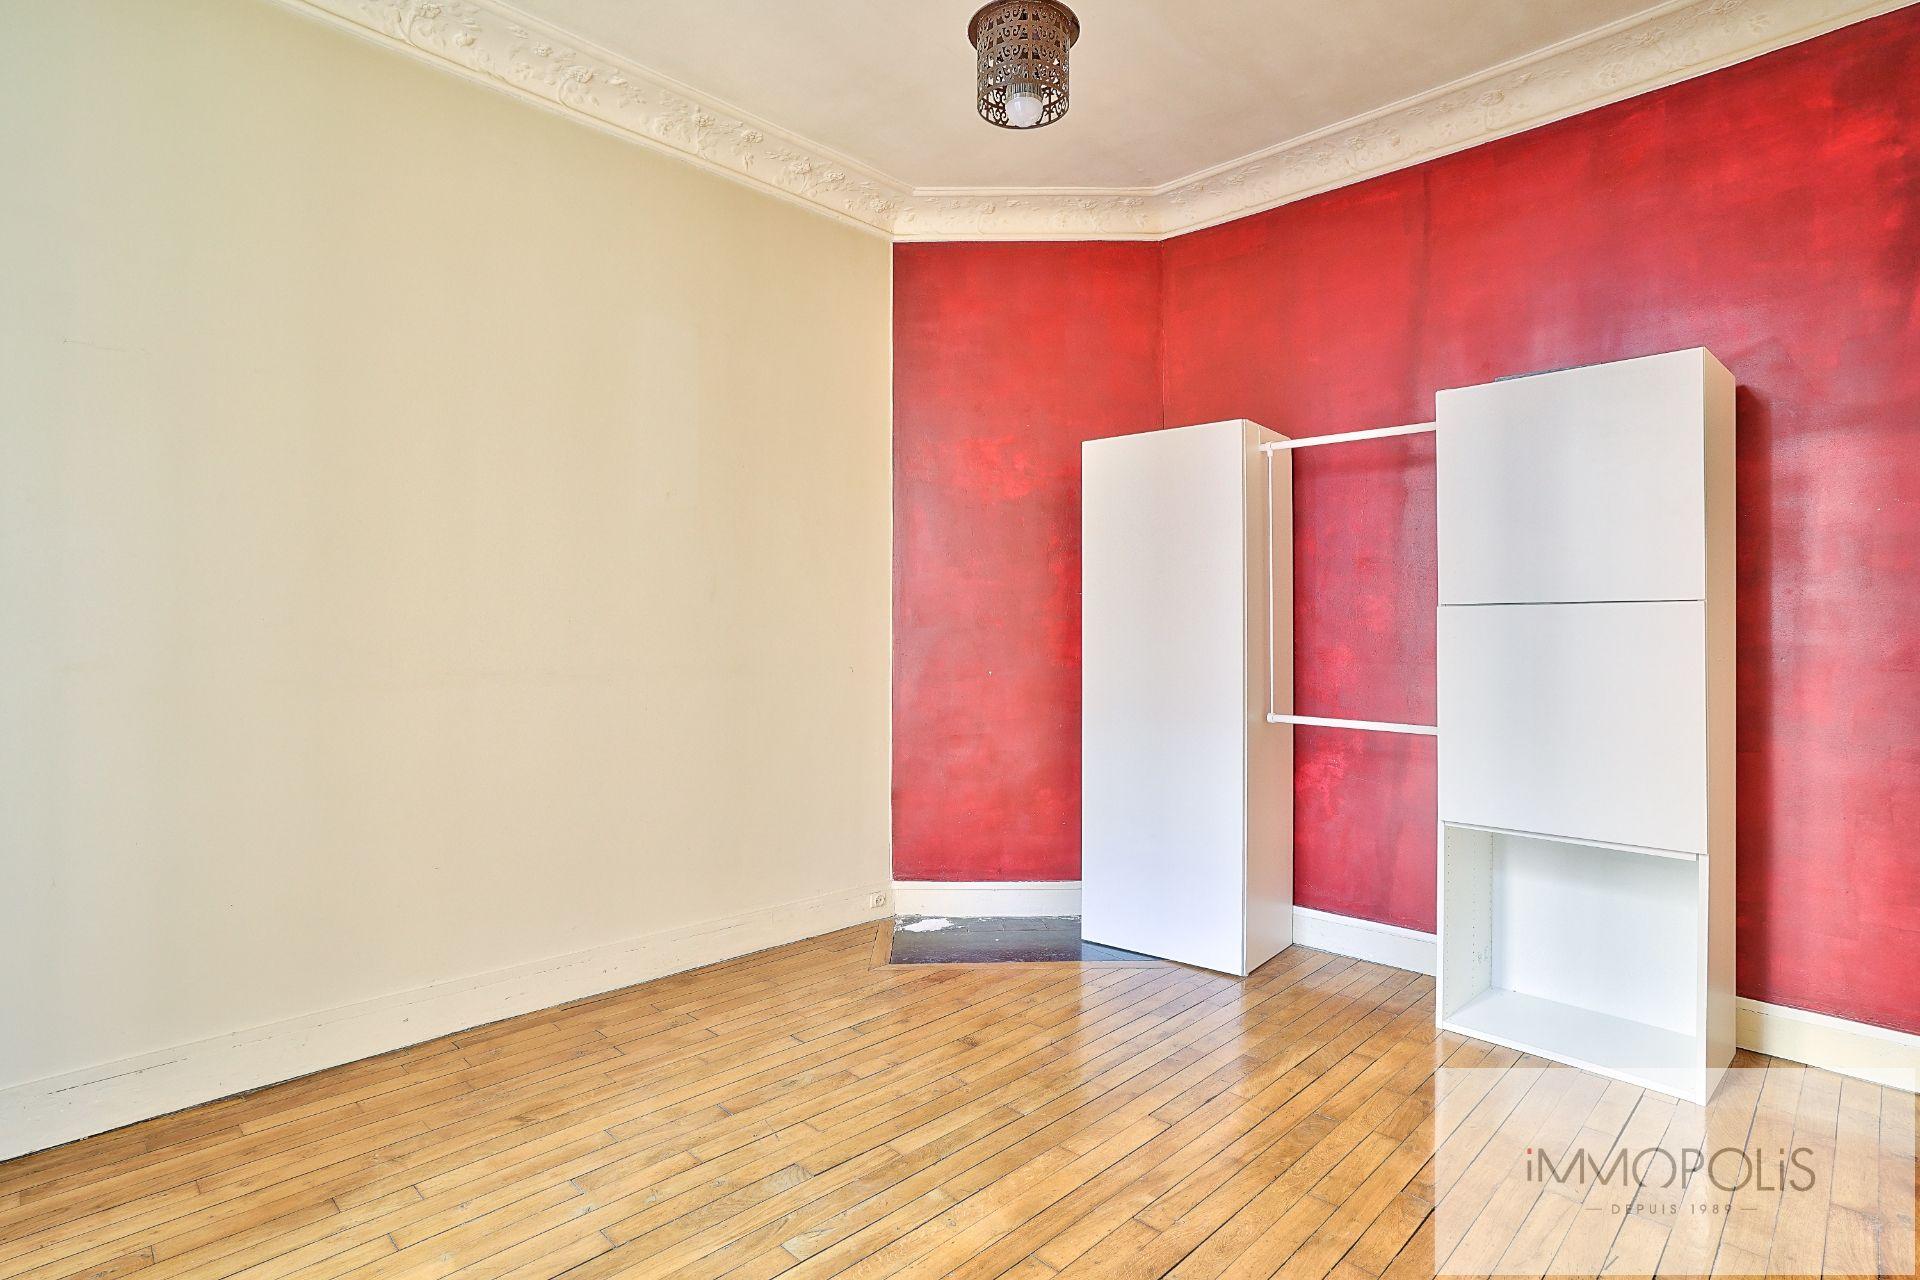 2 pièces 46 m2 – Rue Lamarck  – métro Guy Moquet 5